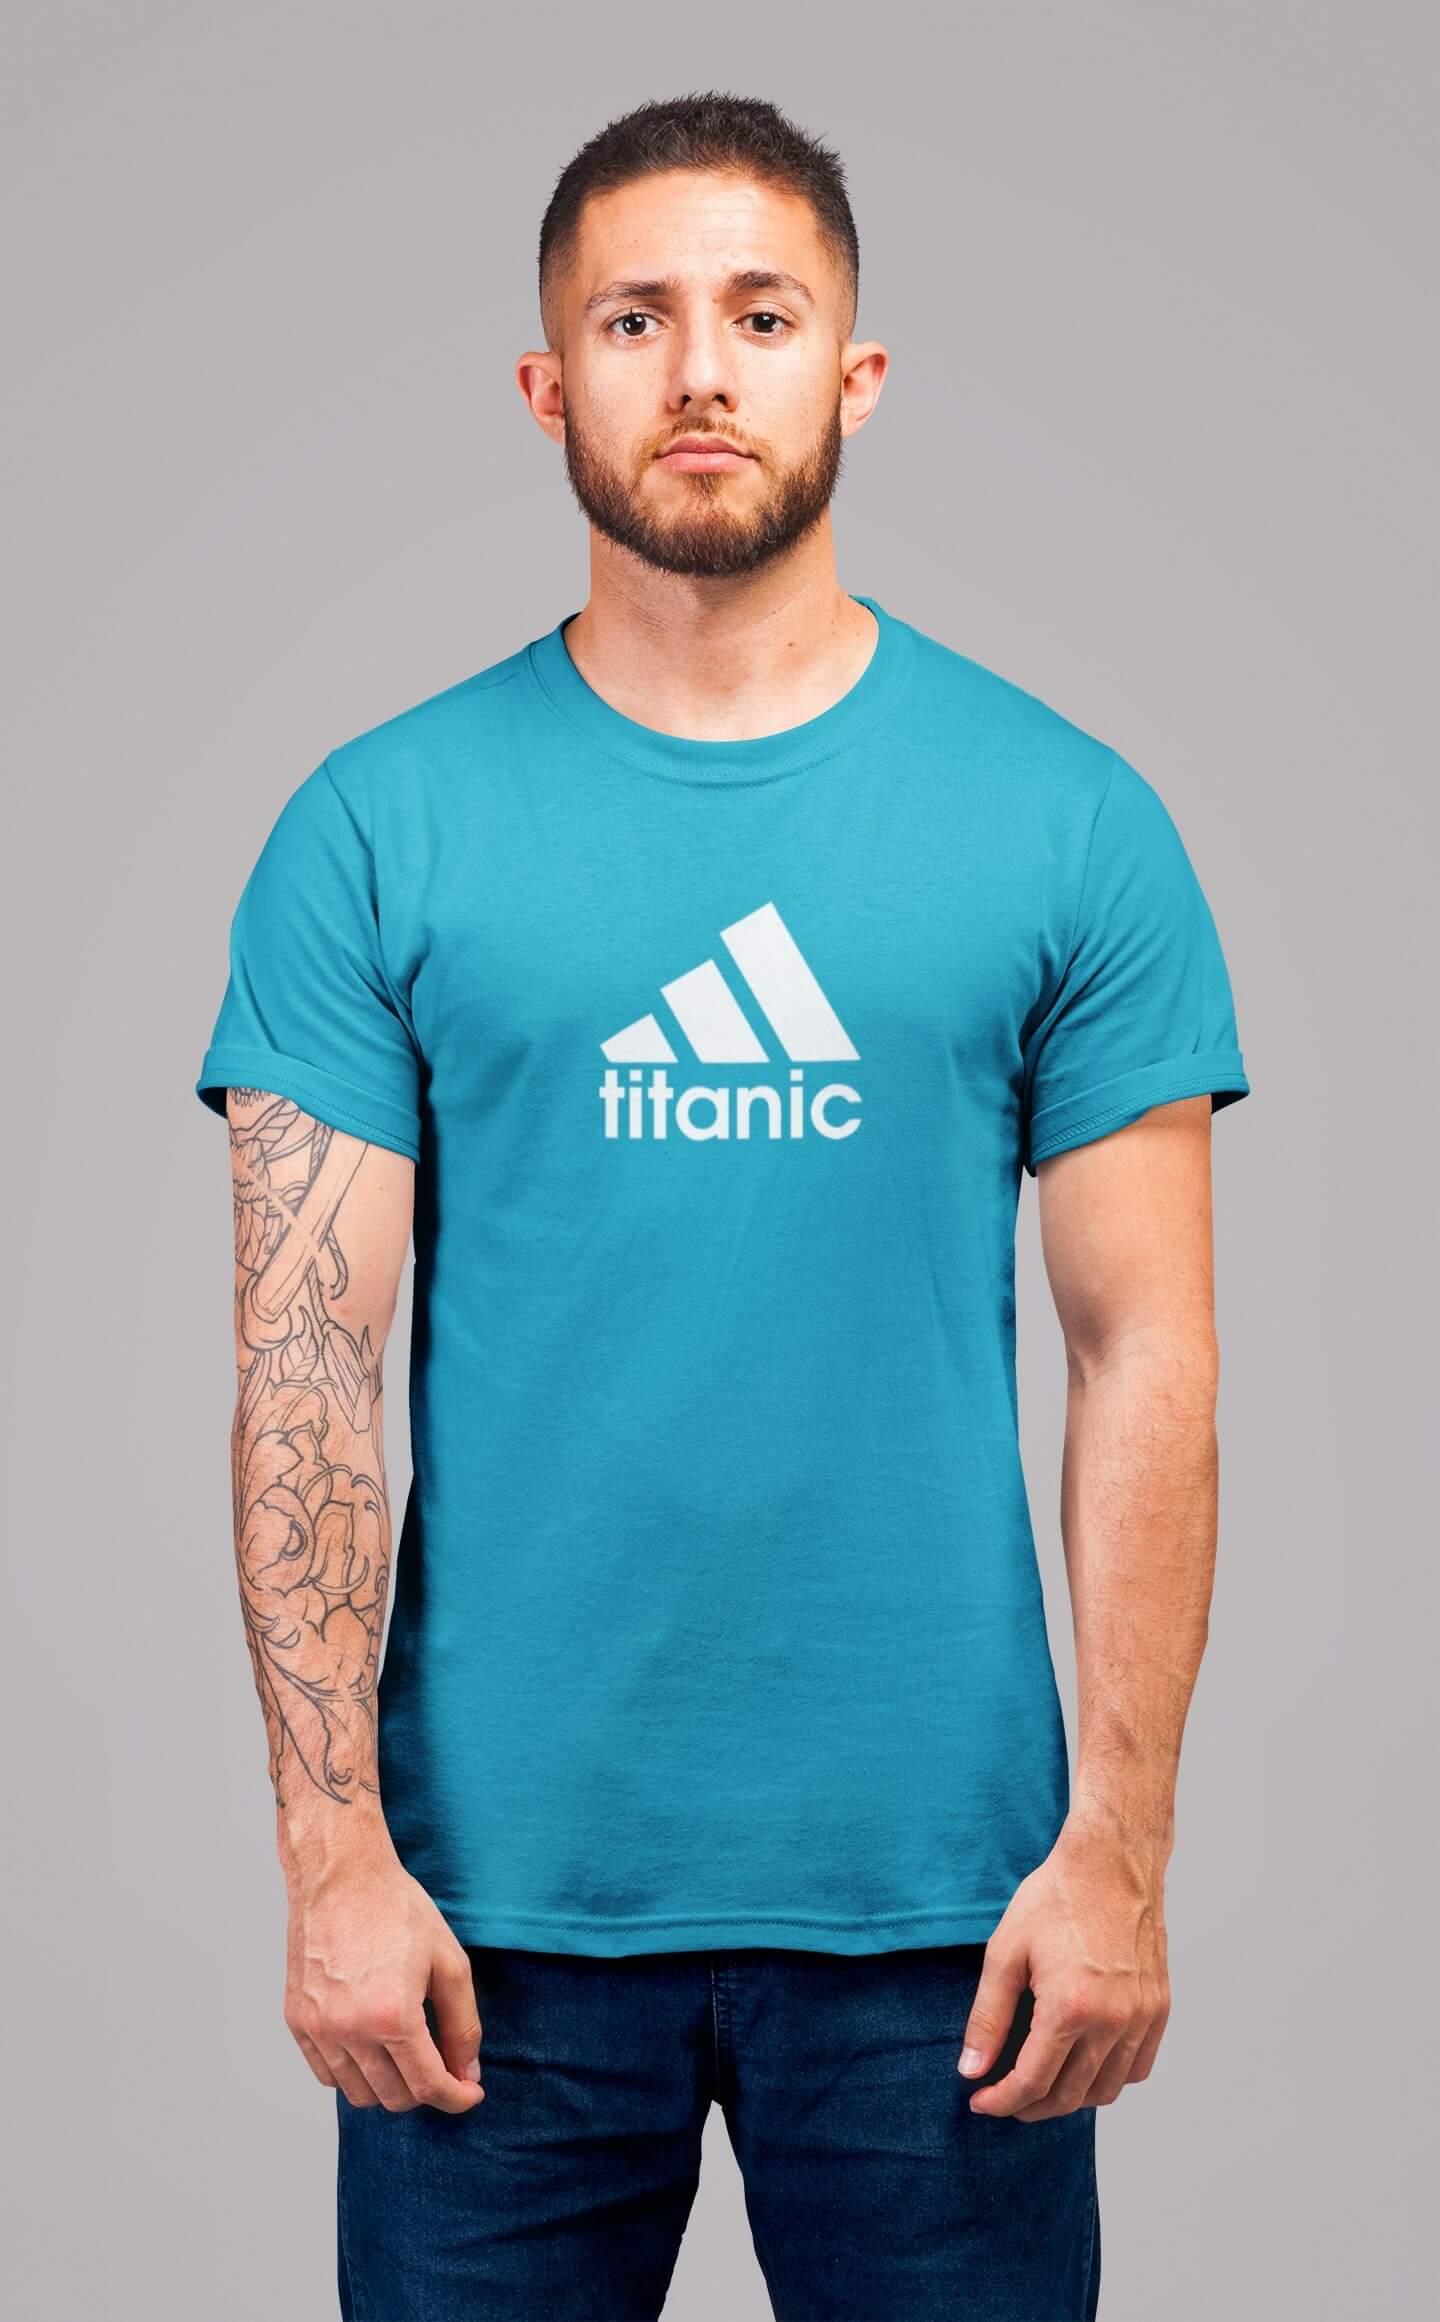 MMO Pánske tričko Titanic Vyberte farbu: Tyrkysová, Vyberte veľkosť: 2XL